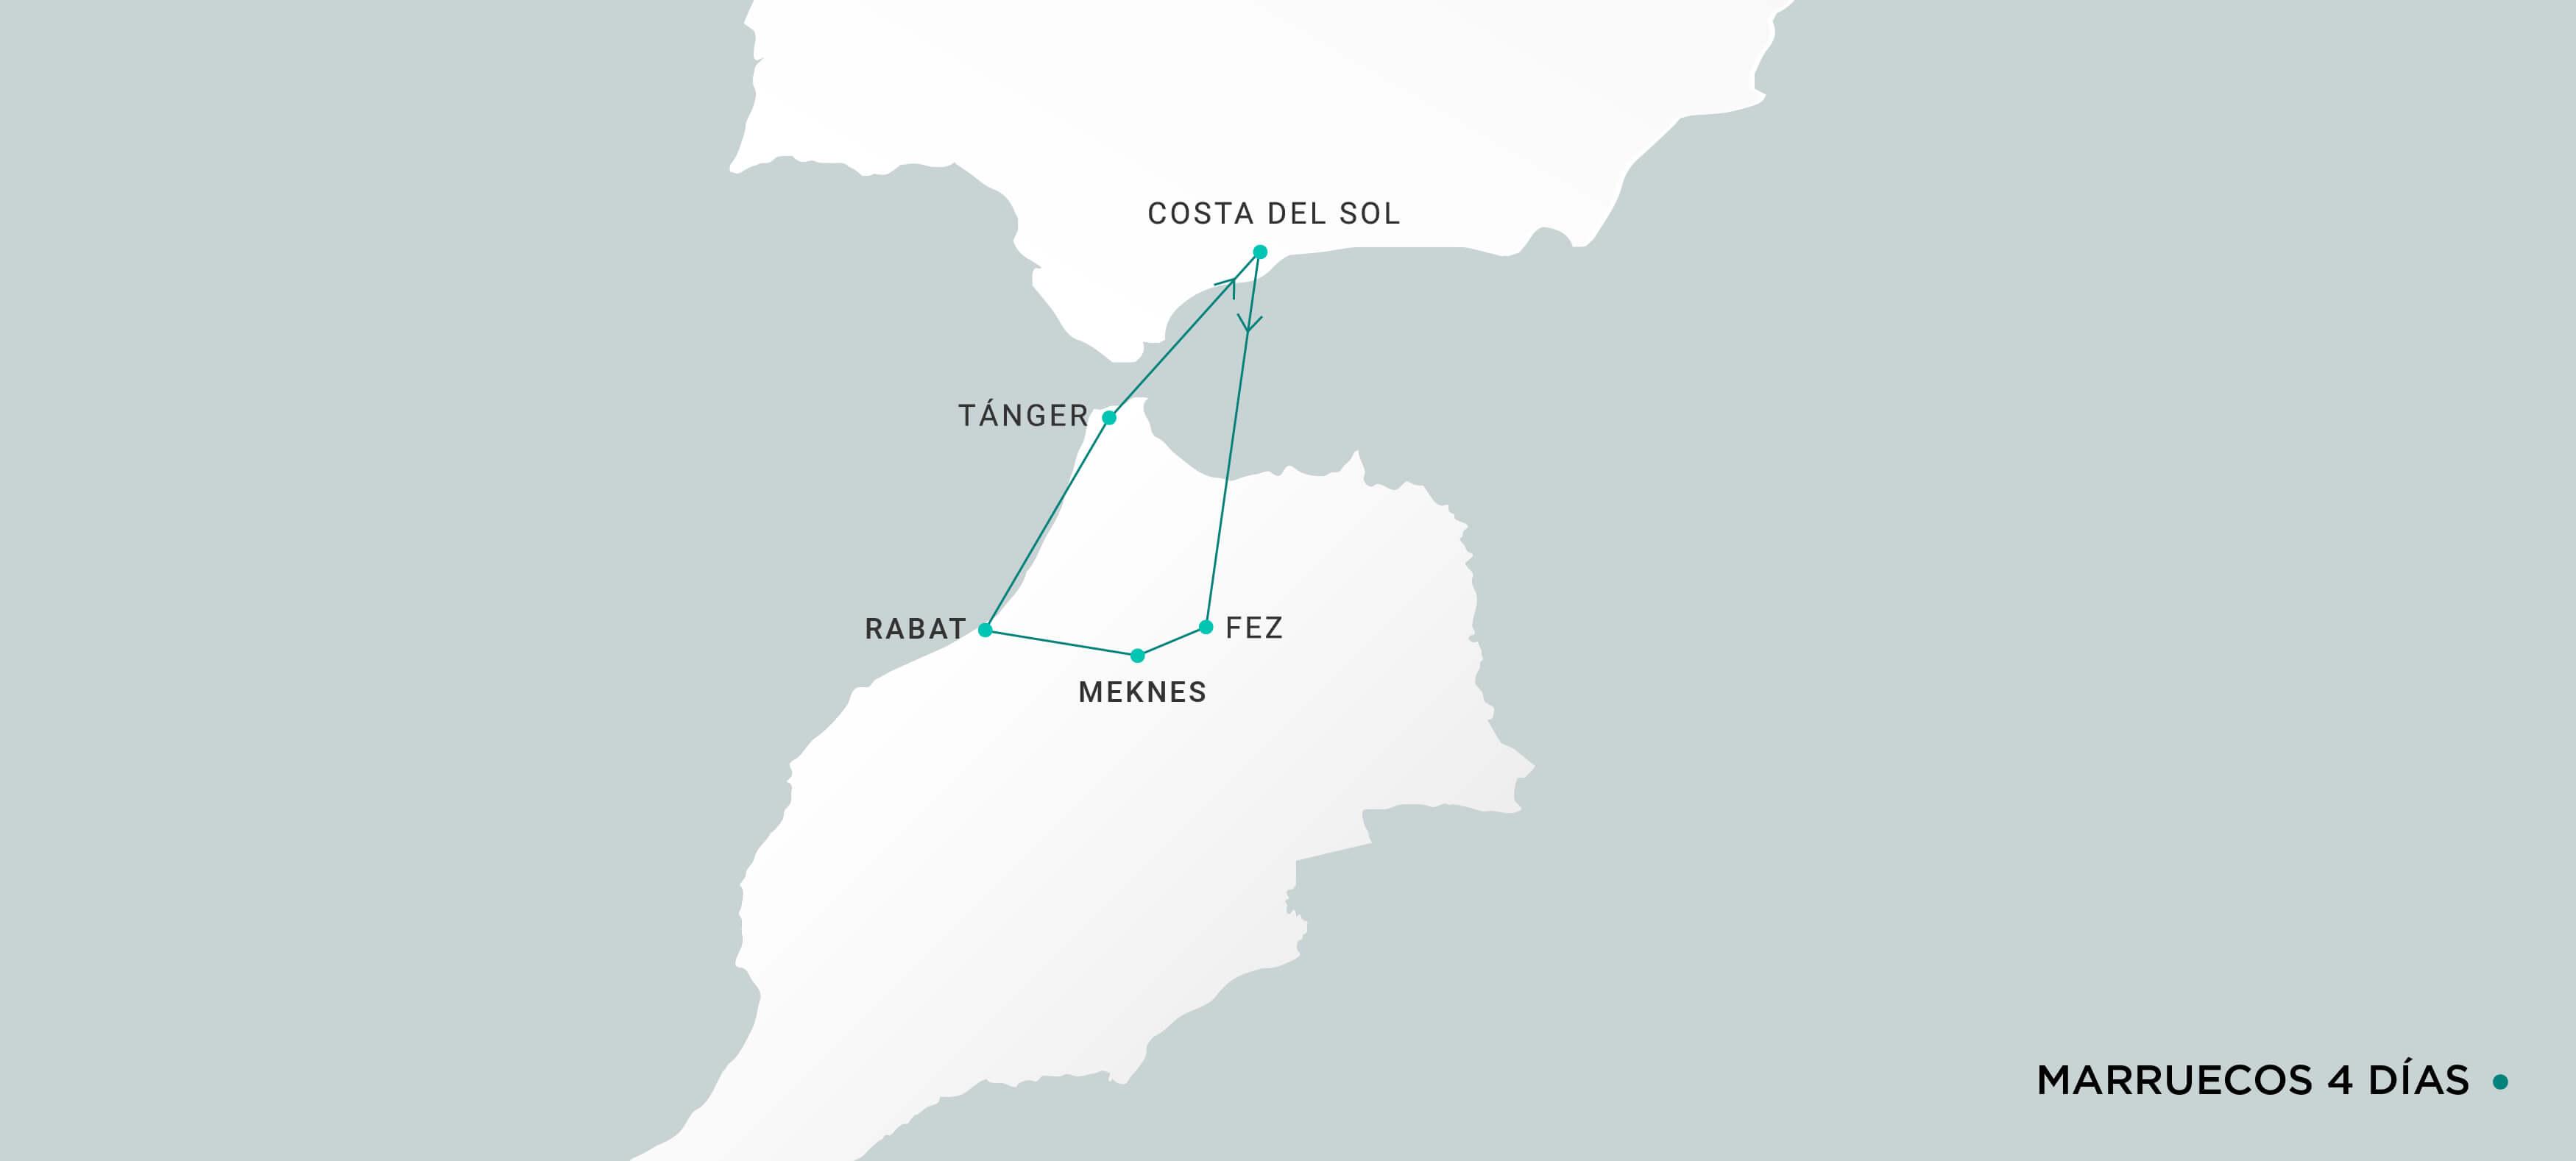 Mapa Marruecos 4 días